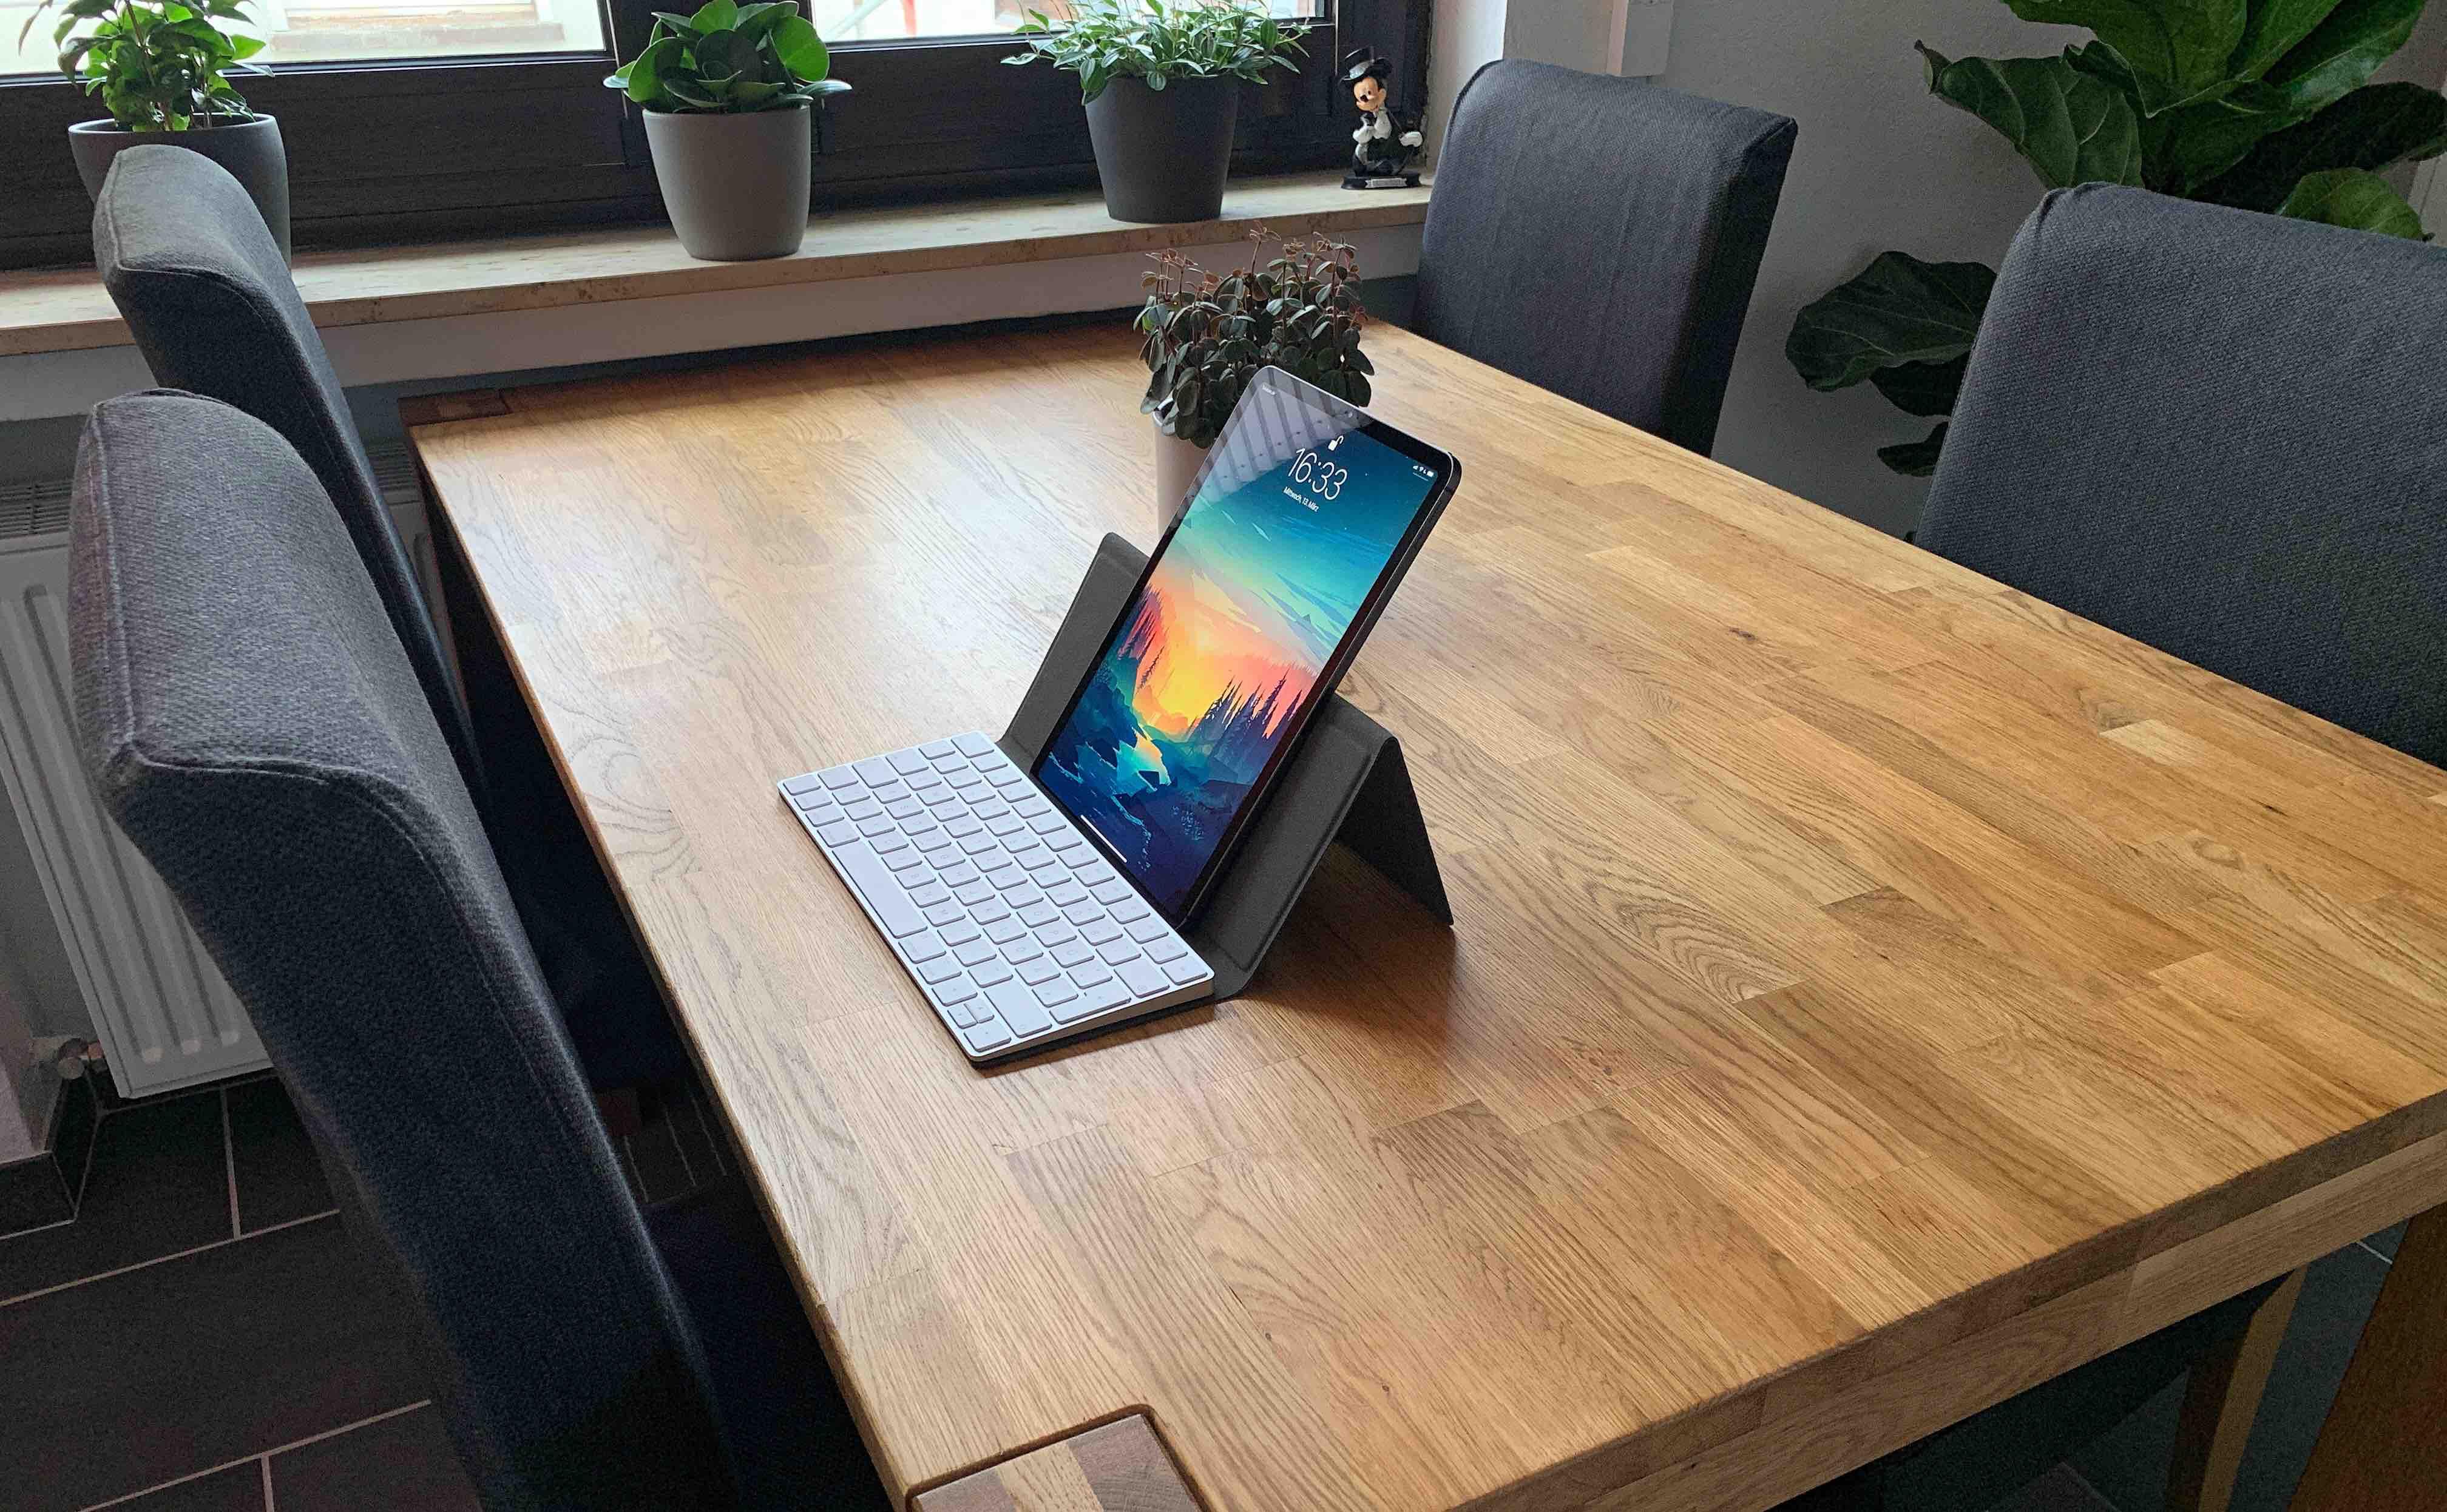 Canopy_StudioNeat_iPad_Keyboard_Review2 Canopy von Studio Neat - die Apple Magic Tastatur inkl. Aufstellfunktion für das iPad